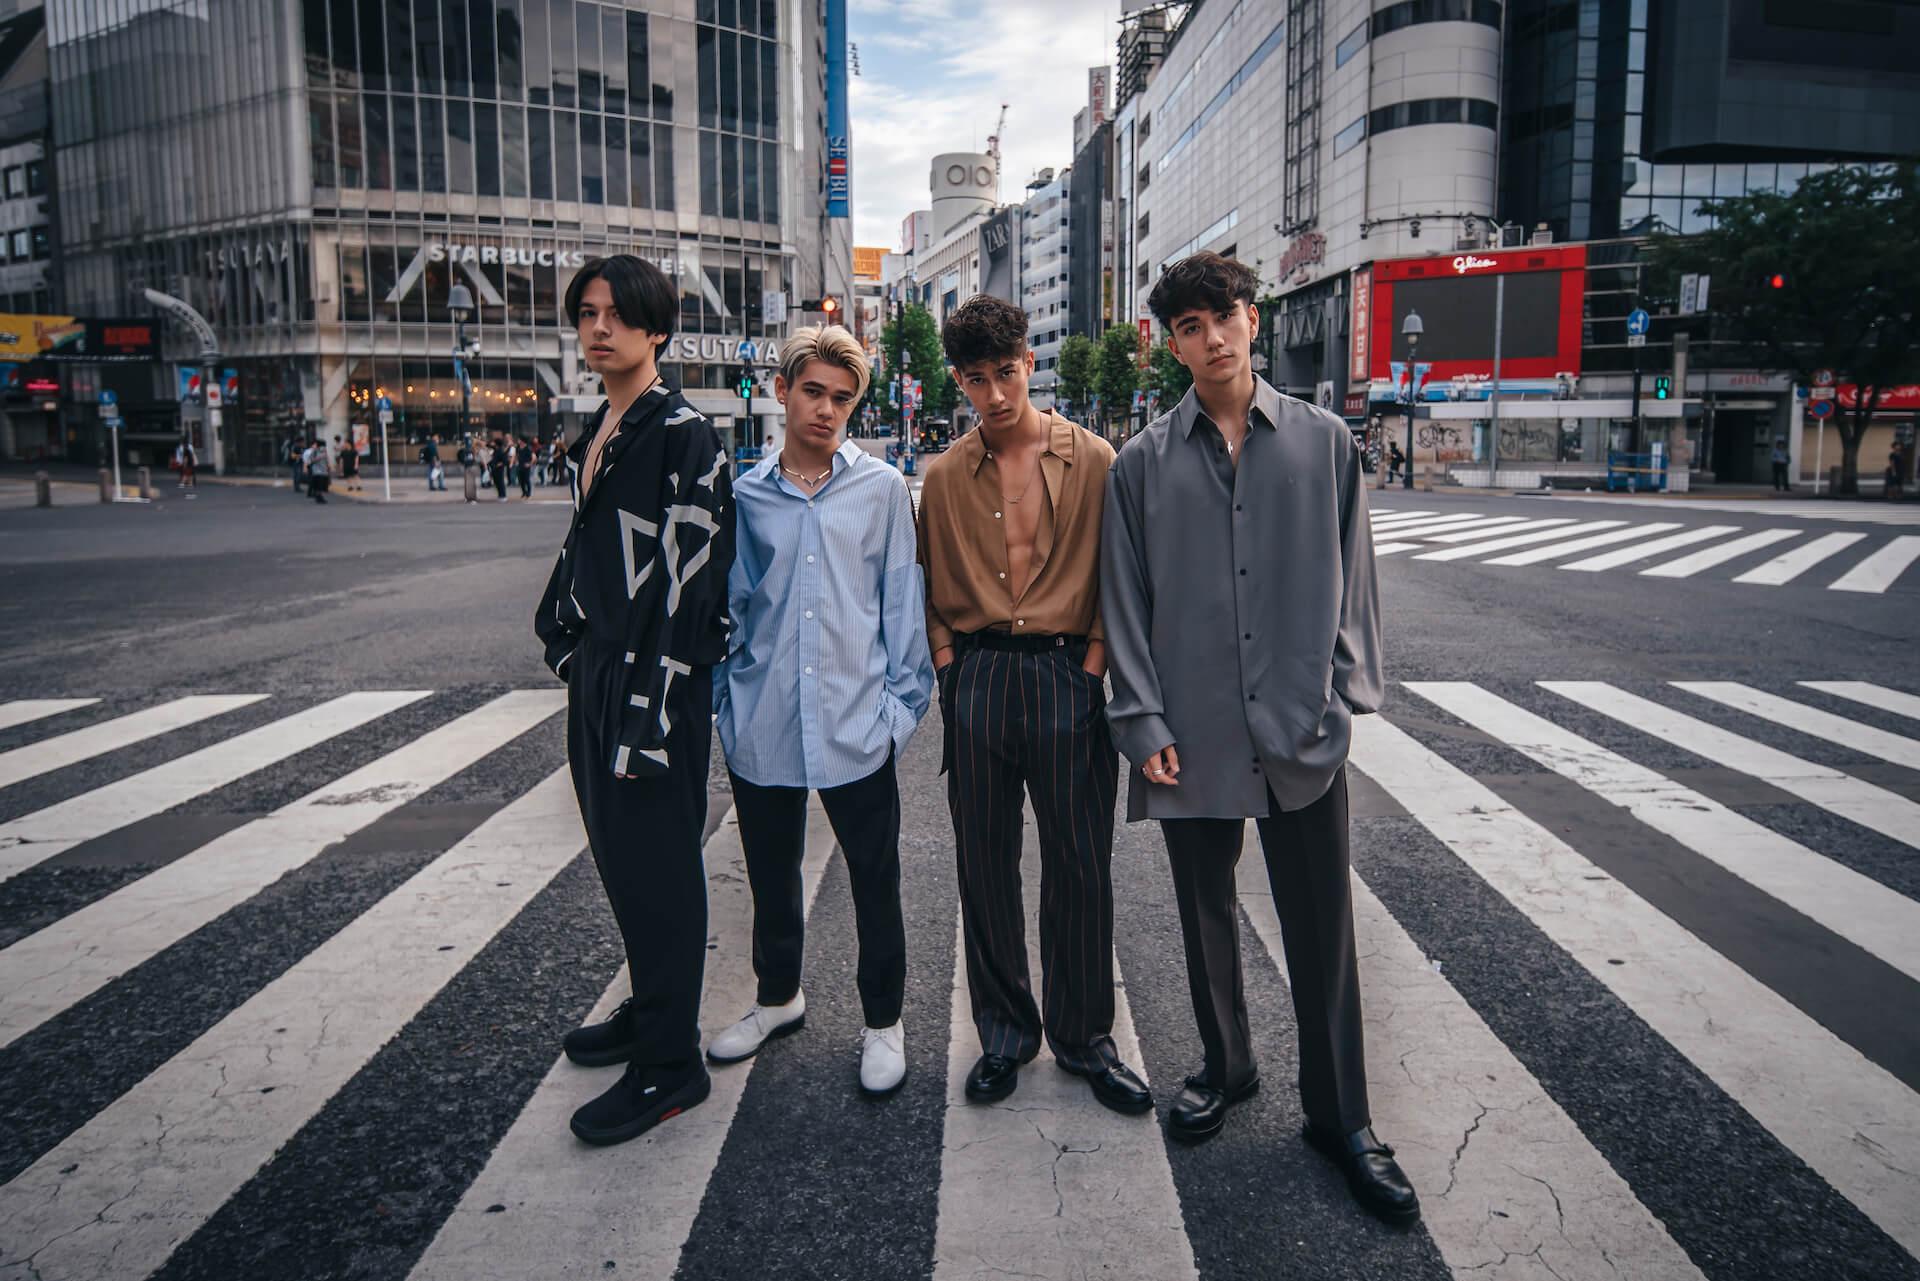 渋谷・SOUND MUSEUM VISIONにて、毎年恒例のハロウィンイベントが3日間に渡り開催|m-flo、tofubeats、中田ヤスタカらが登場 INTERSECTION_main_yori